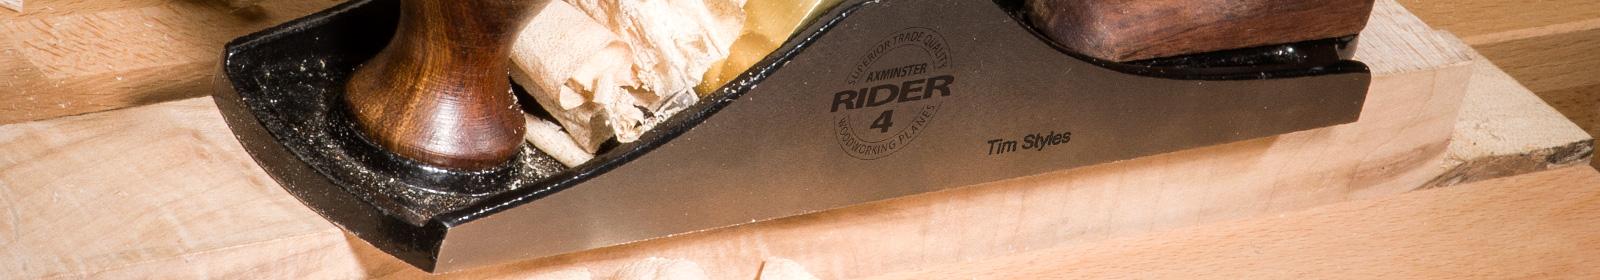 Rider & Veritas Plane Engraving